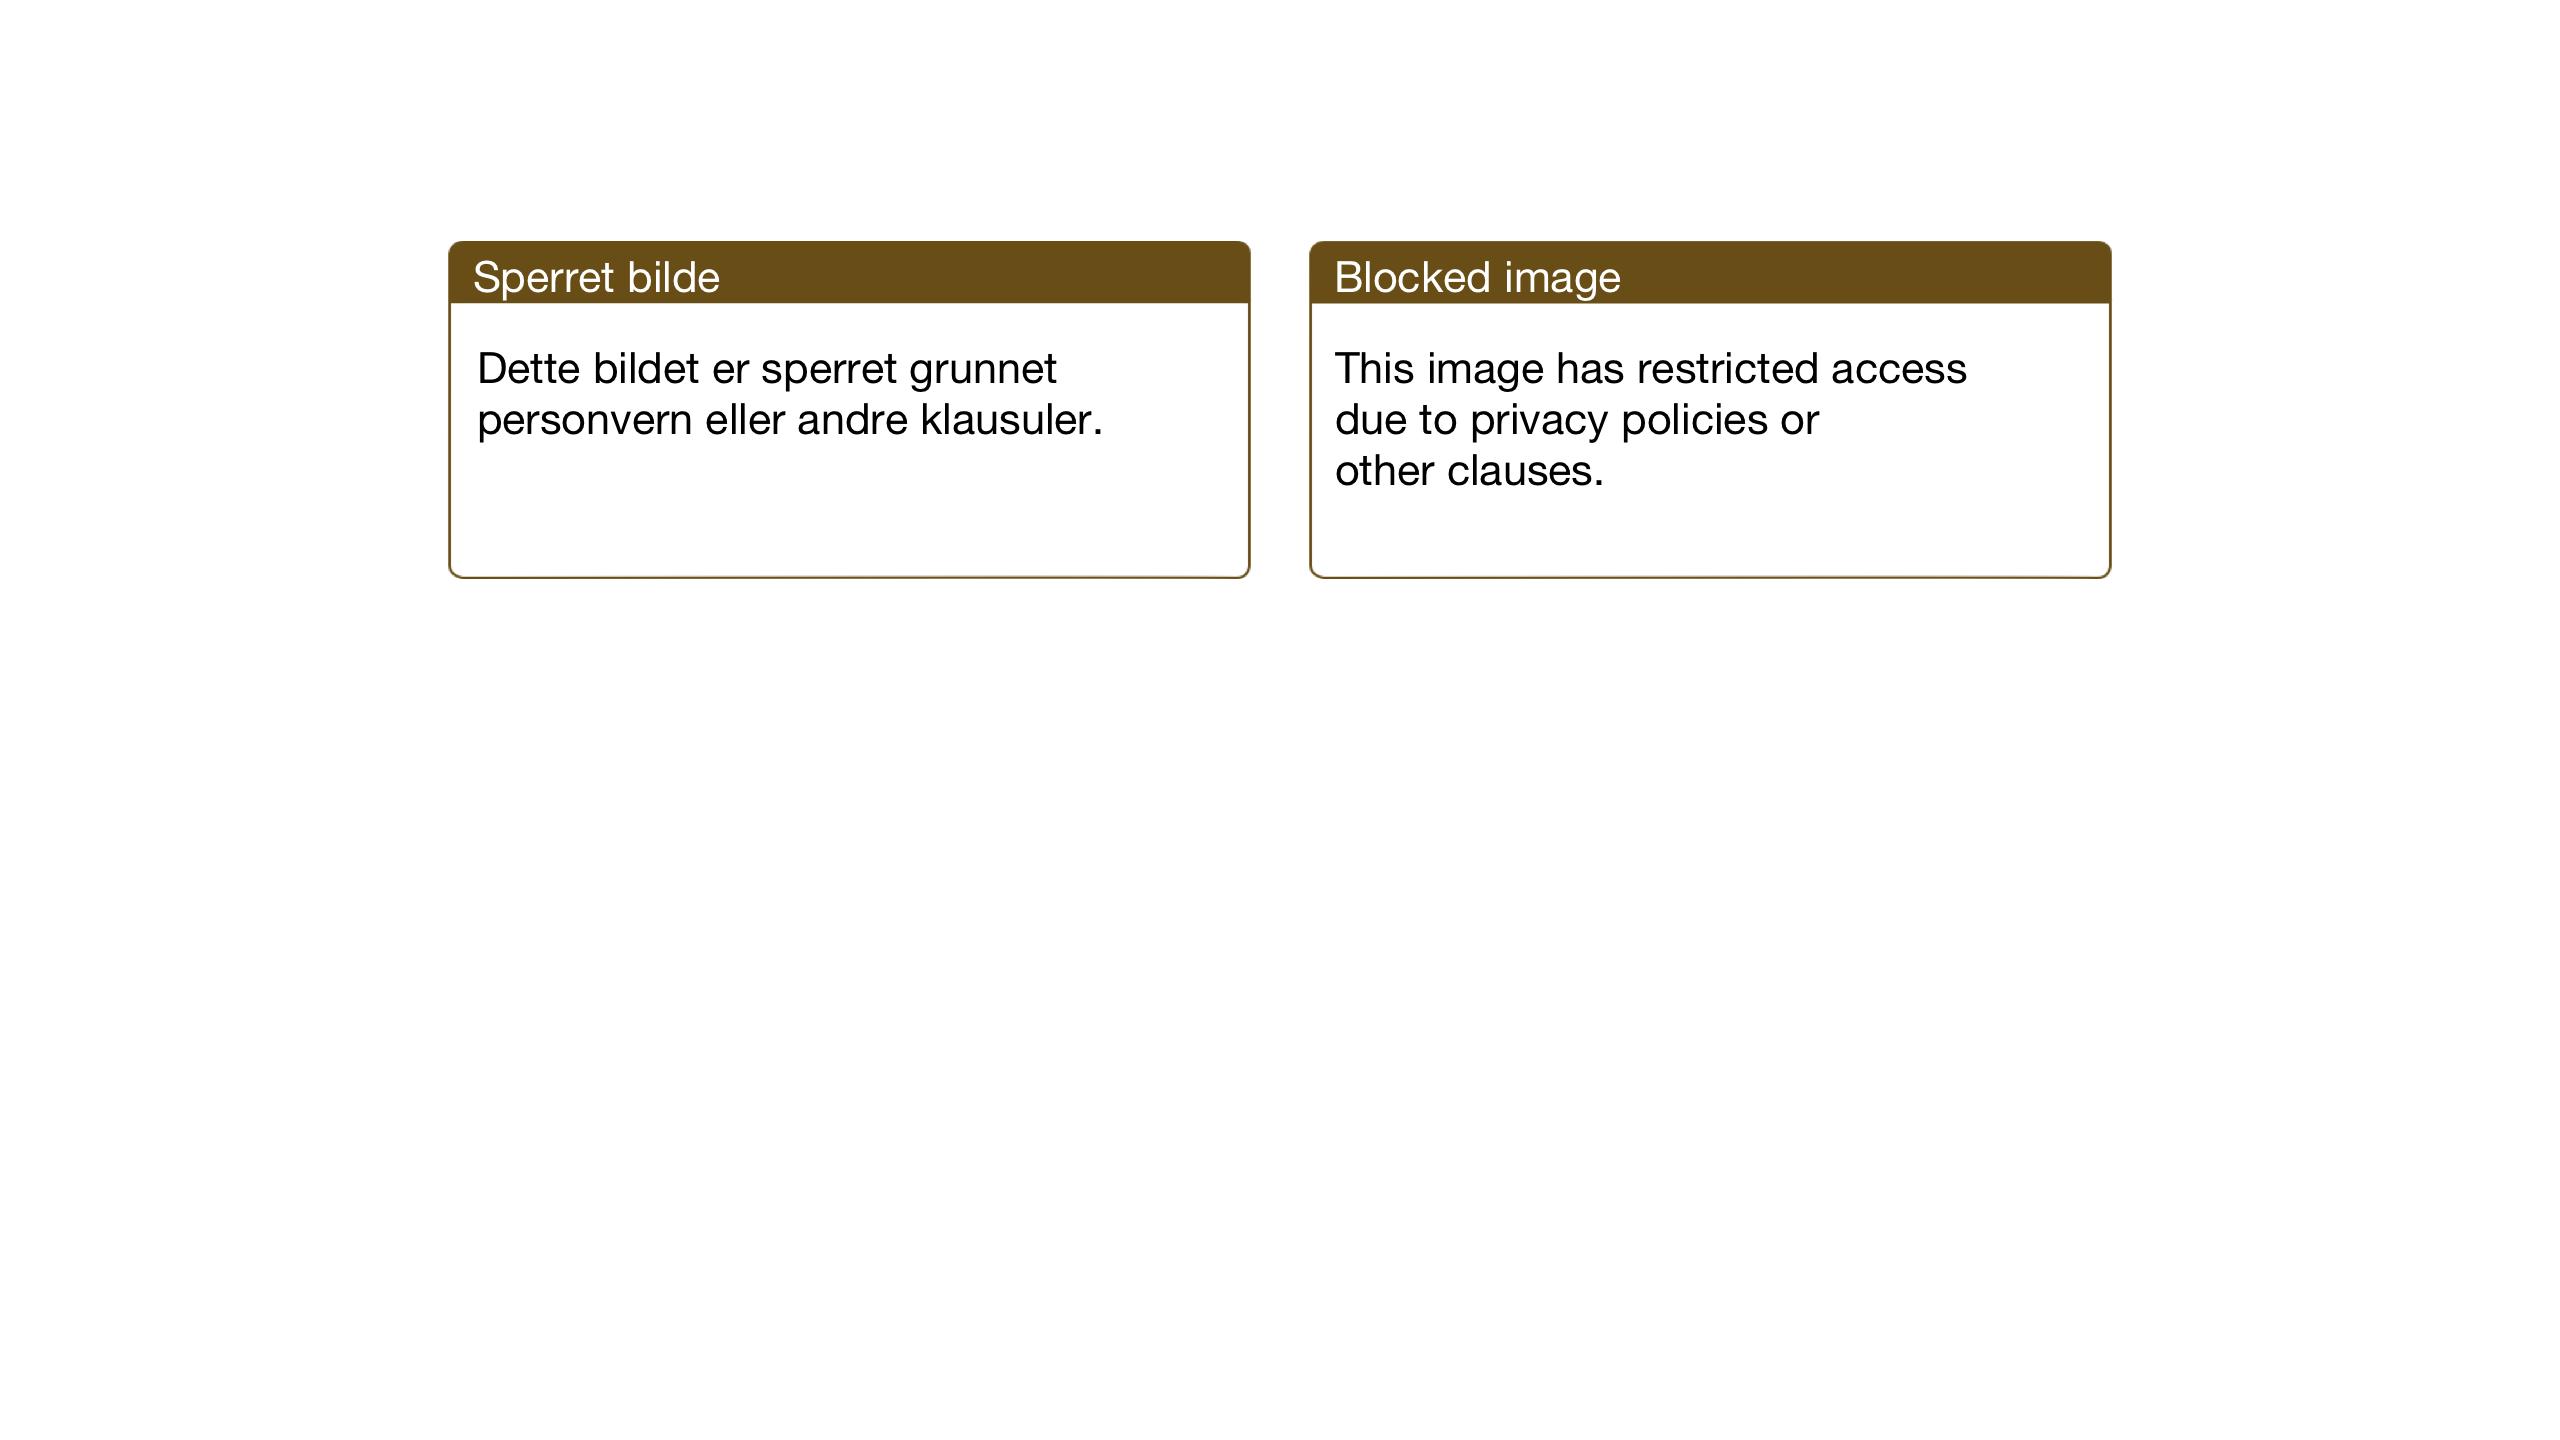 SAT, Ministerialprotokoller, klokkerbøker og fødselsregistre - Nord-Trøndelag, 770/L0592: Klokkerbok nr. 770C03, 1941-1950, s. 35